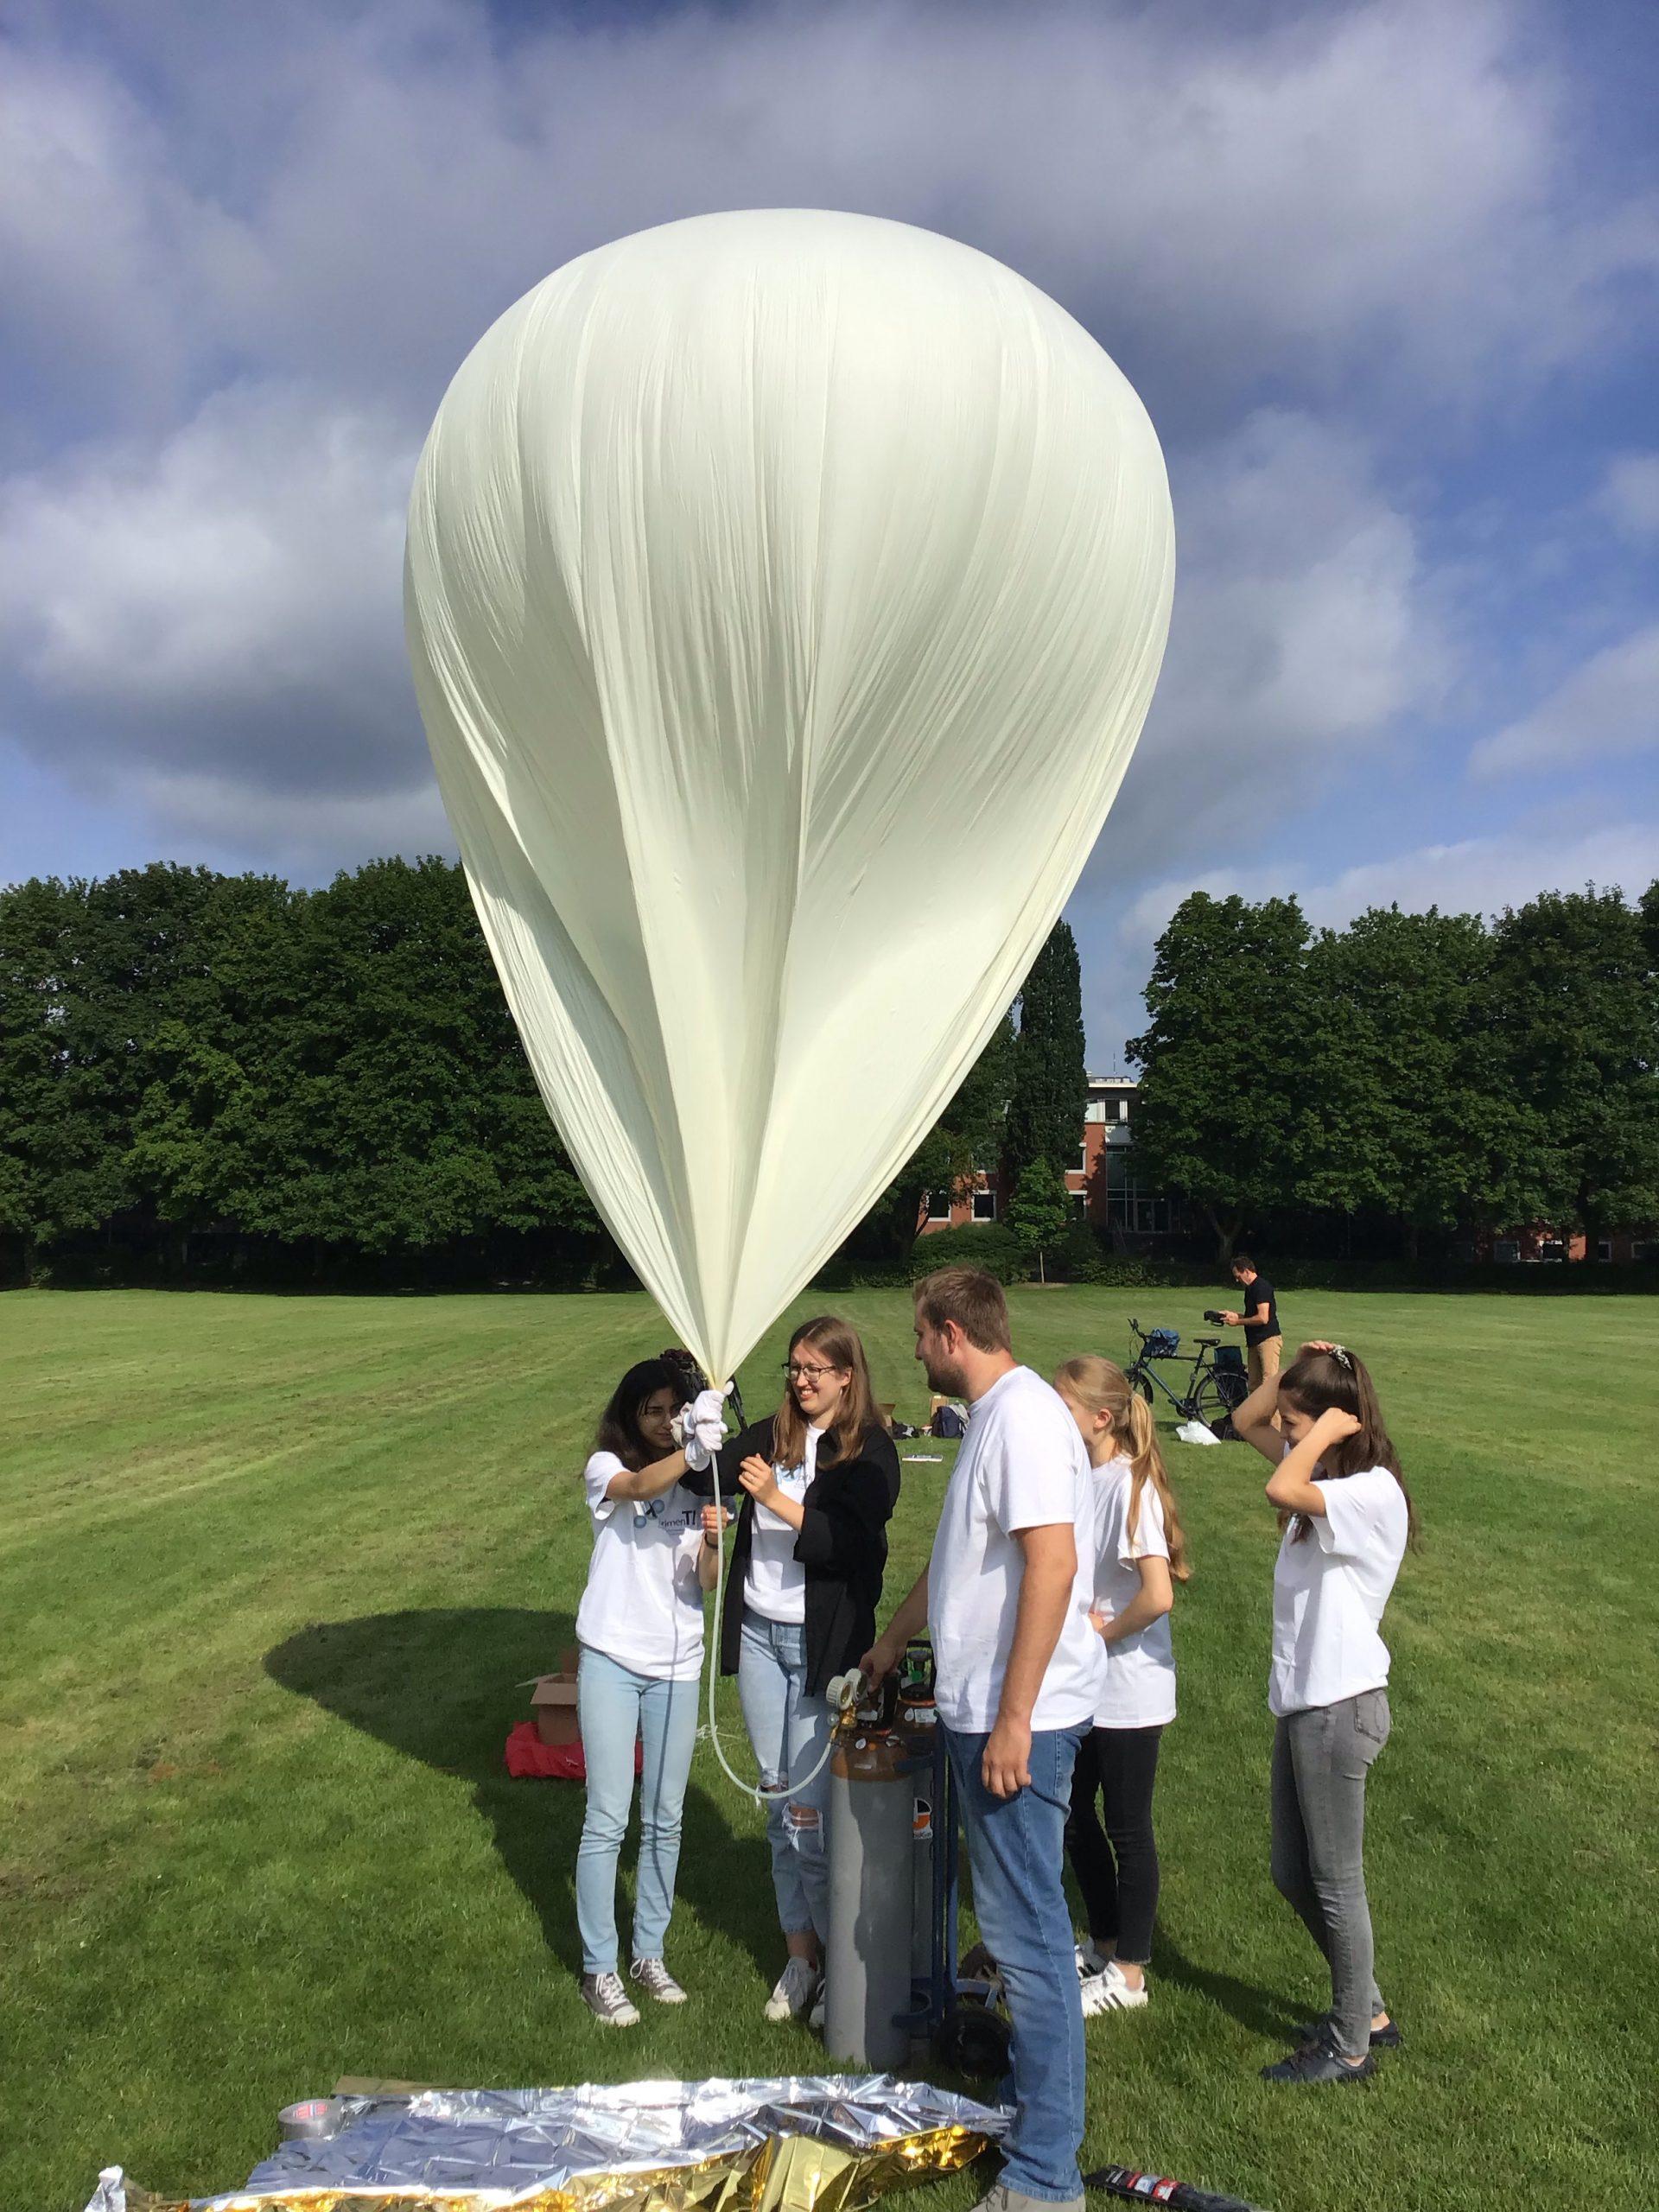 Wetterballon_halbvoll